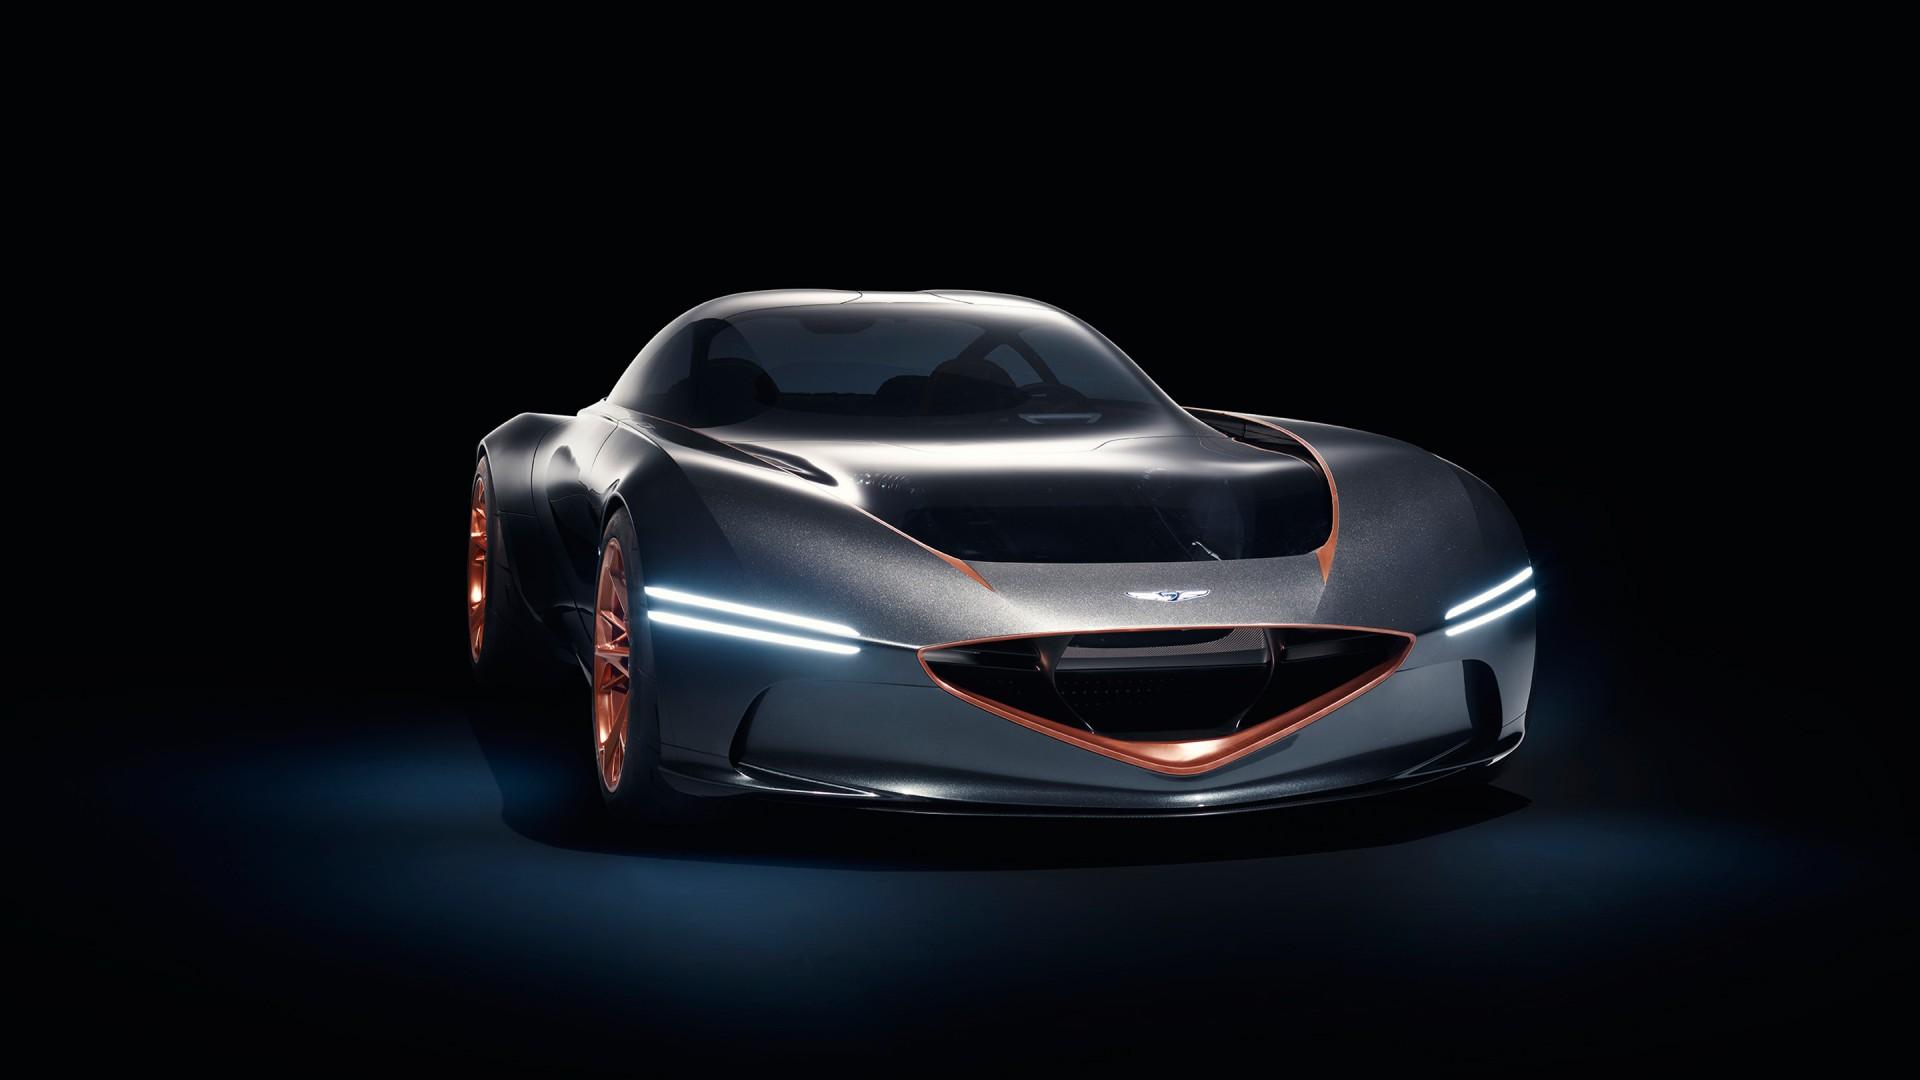 2018 Genesis Essentia Concept Wallpaper | HD Car ...